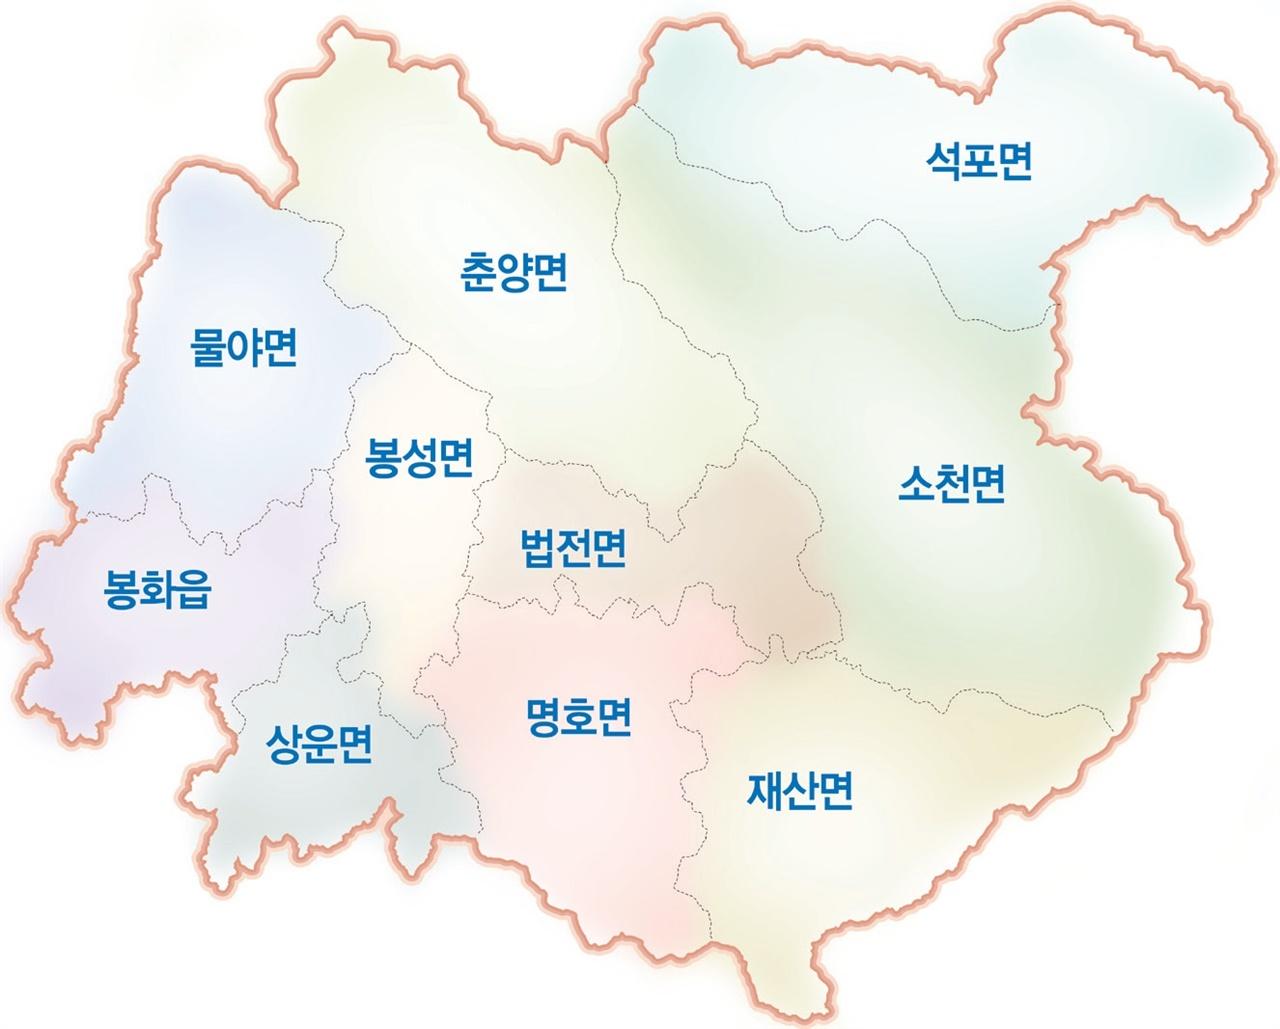 봉화군은 한 개의 읍과 아홉 개의 면으로 이루어져 있다.